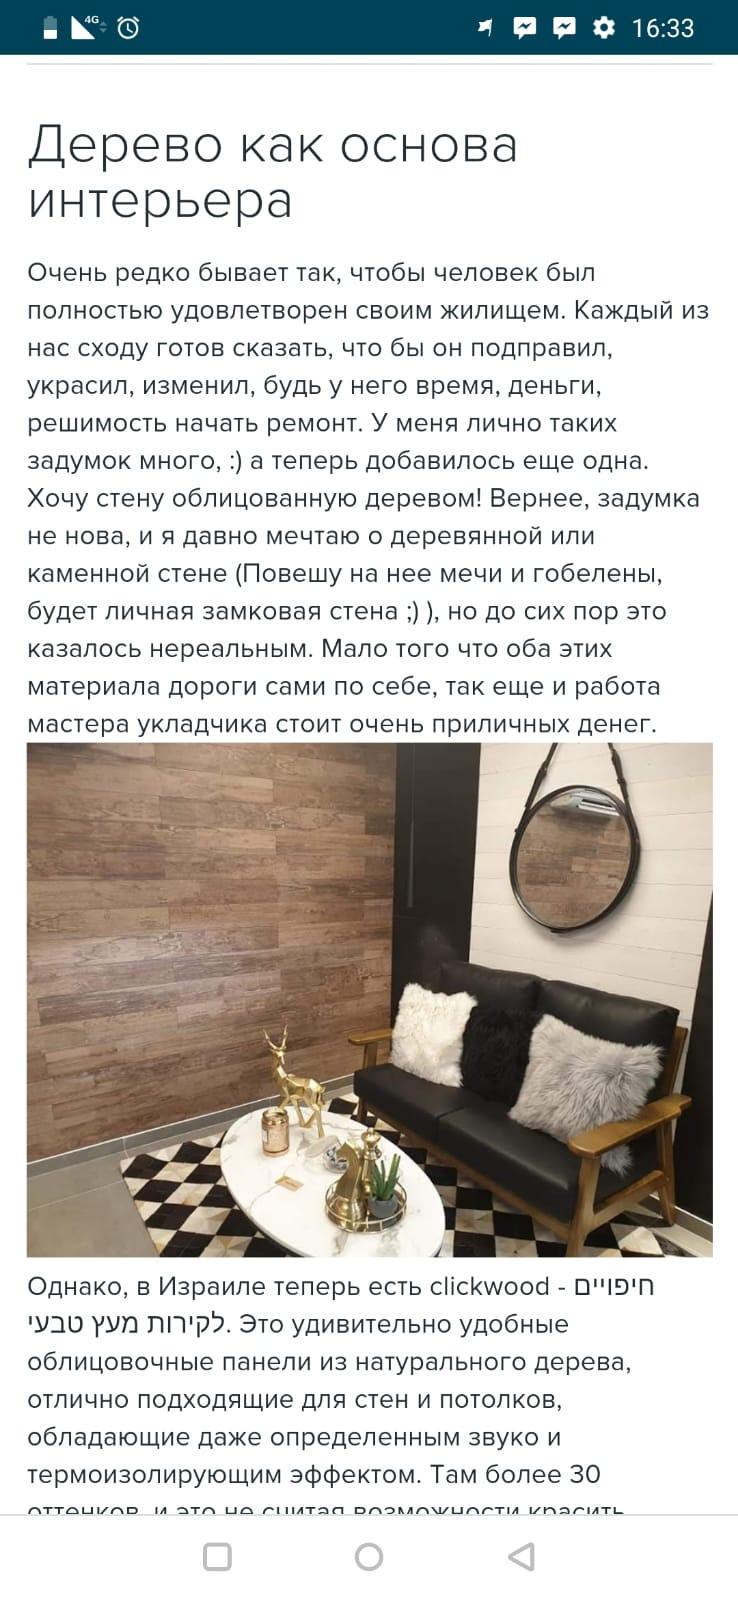 אנאל קרשטיין - Дерево как основа интерьера